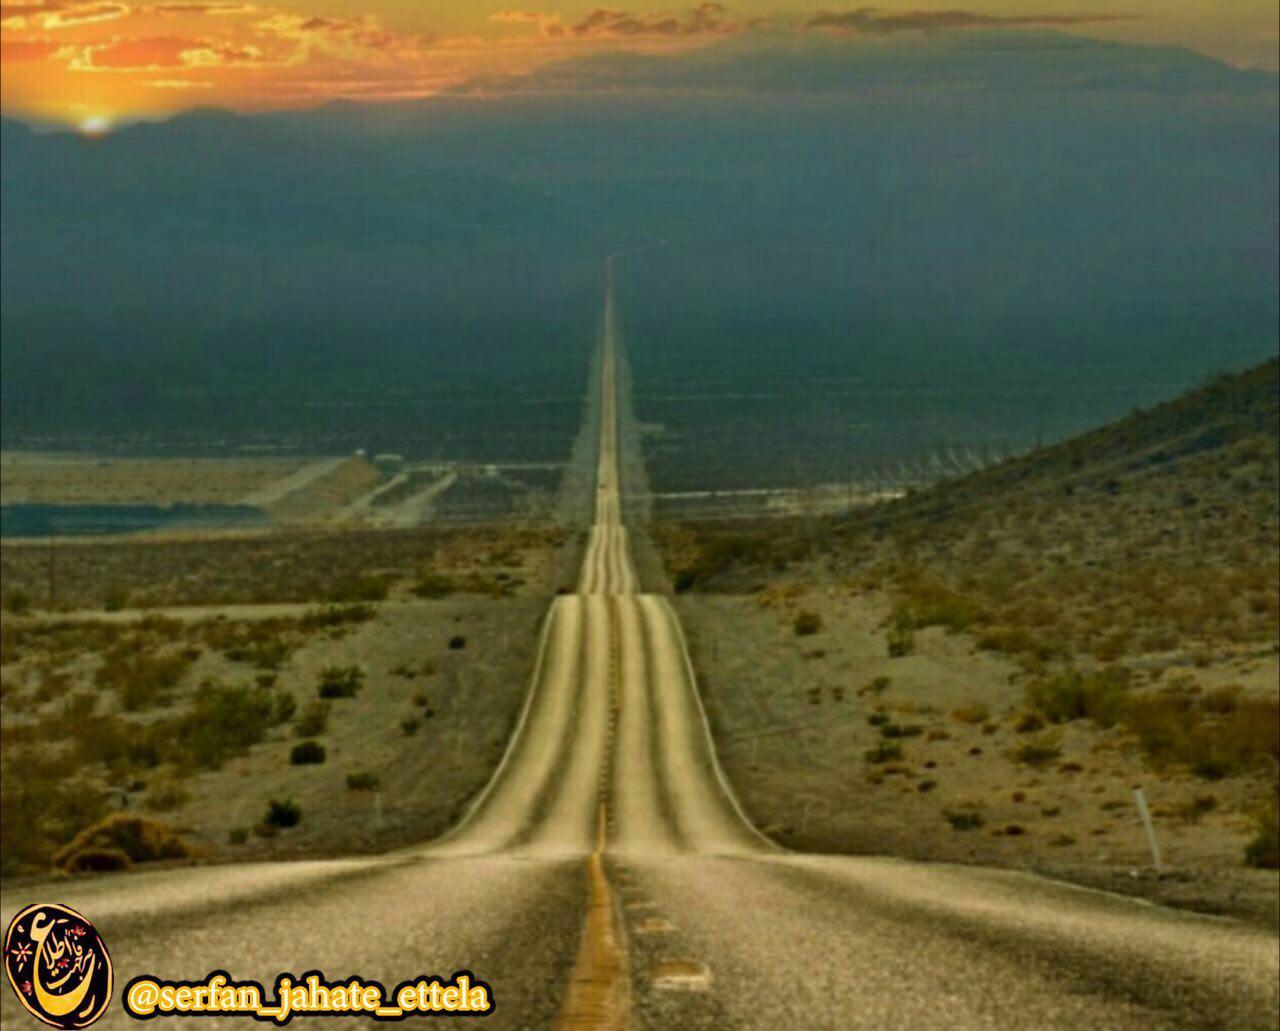 """یکی از طولانی ترین جاده های مستقیم دنیا، جاده ای به نام """"دره مرگ"""" در آمریکا"""